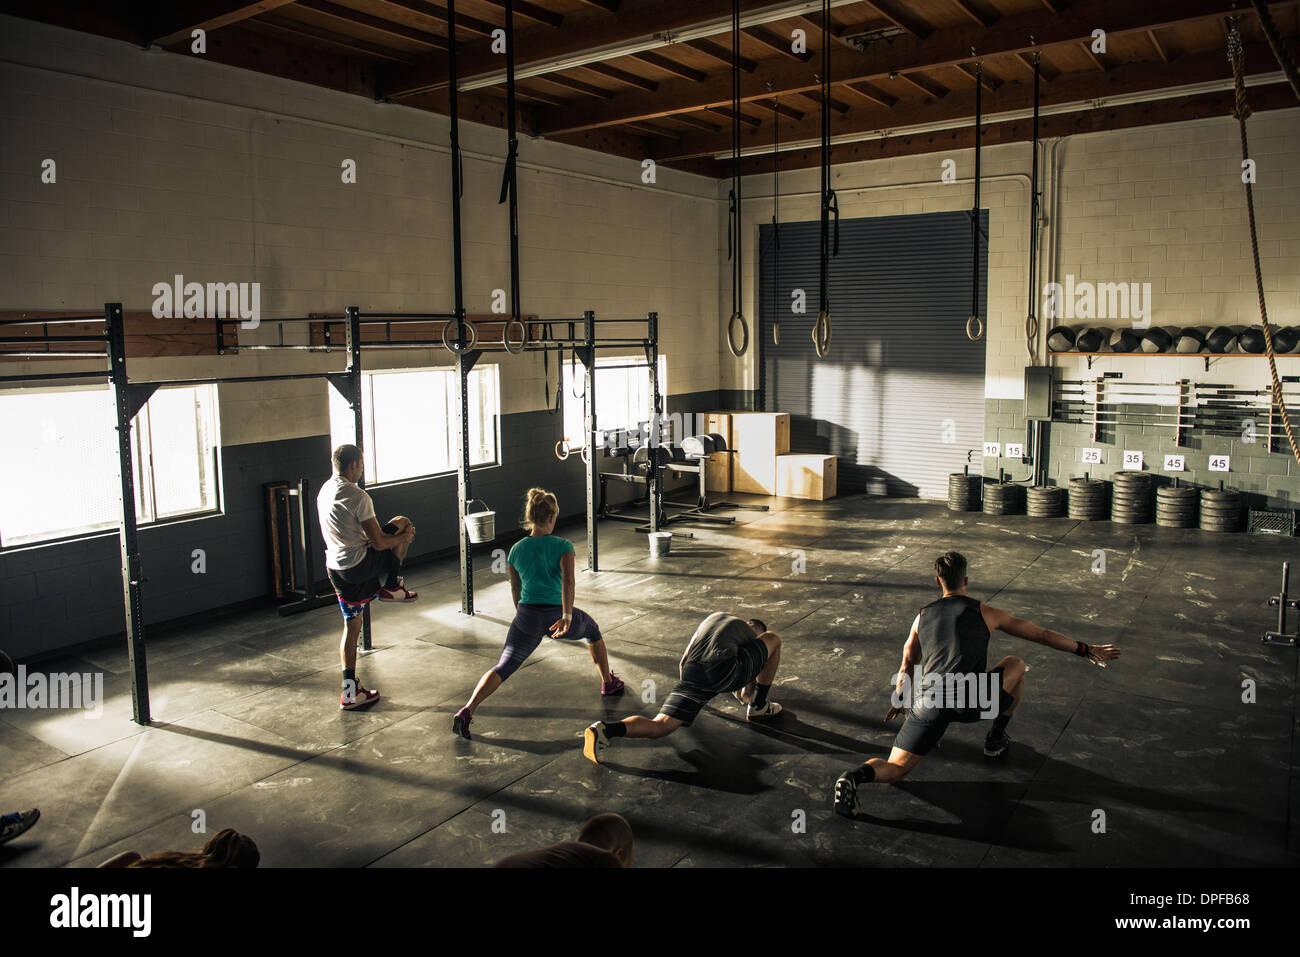 Lezione di fitness in fase di riscaldamento insieme in palestra Immagini Stock